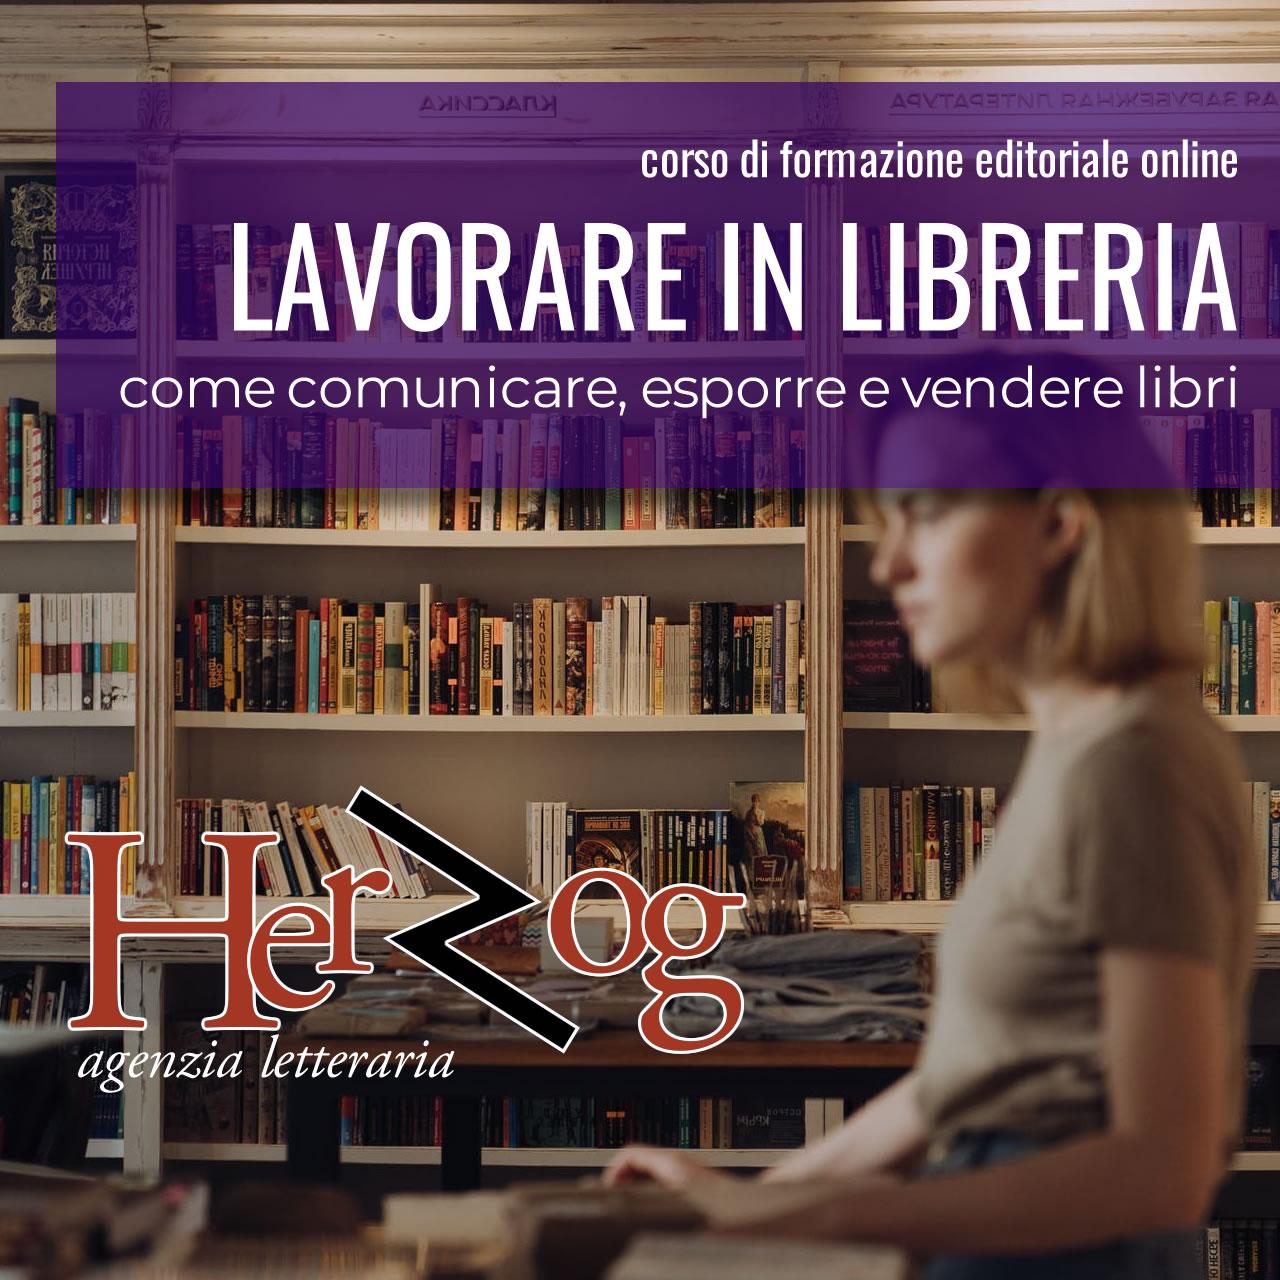 LAVORARE IN LIBRERIA: COME COMUNICARE, ESPORRE E VENDERE LIBRI